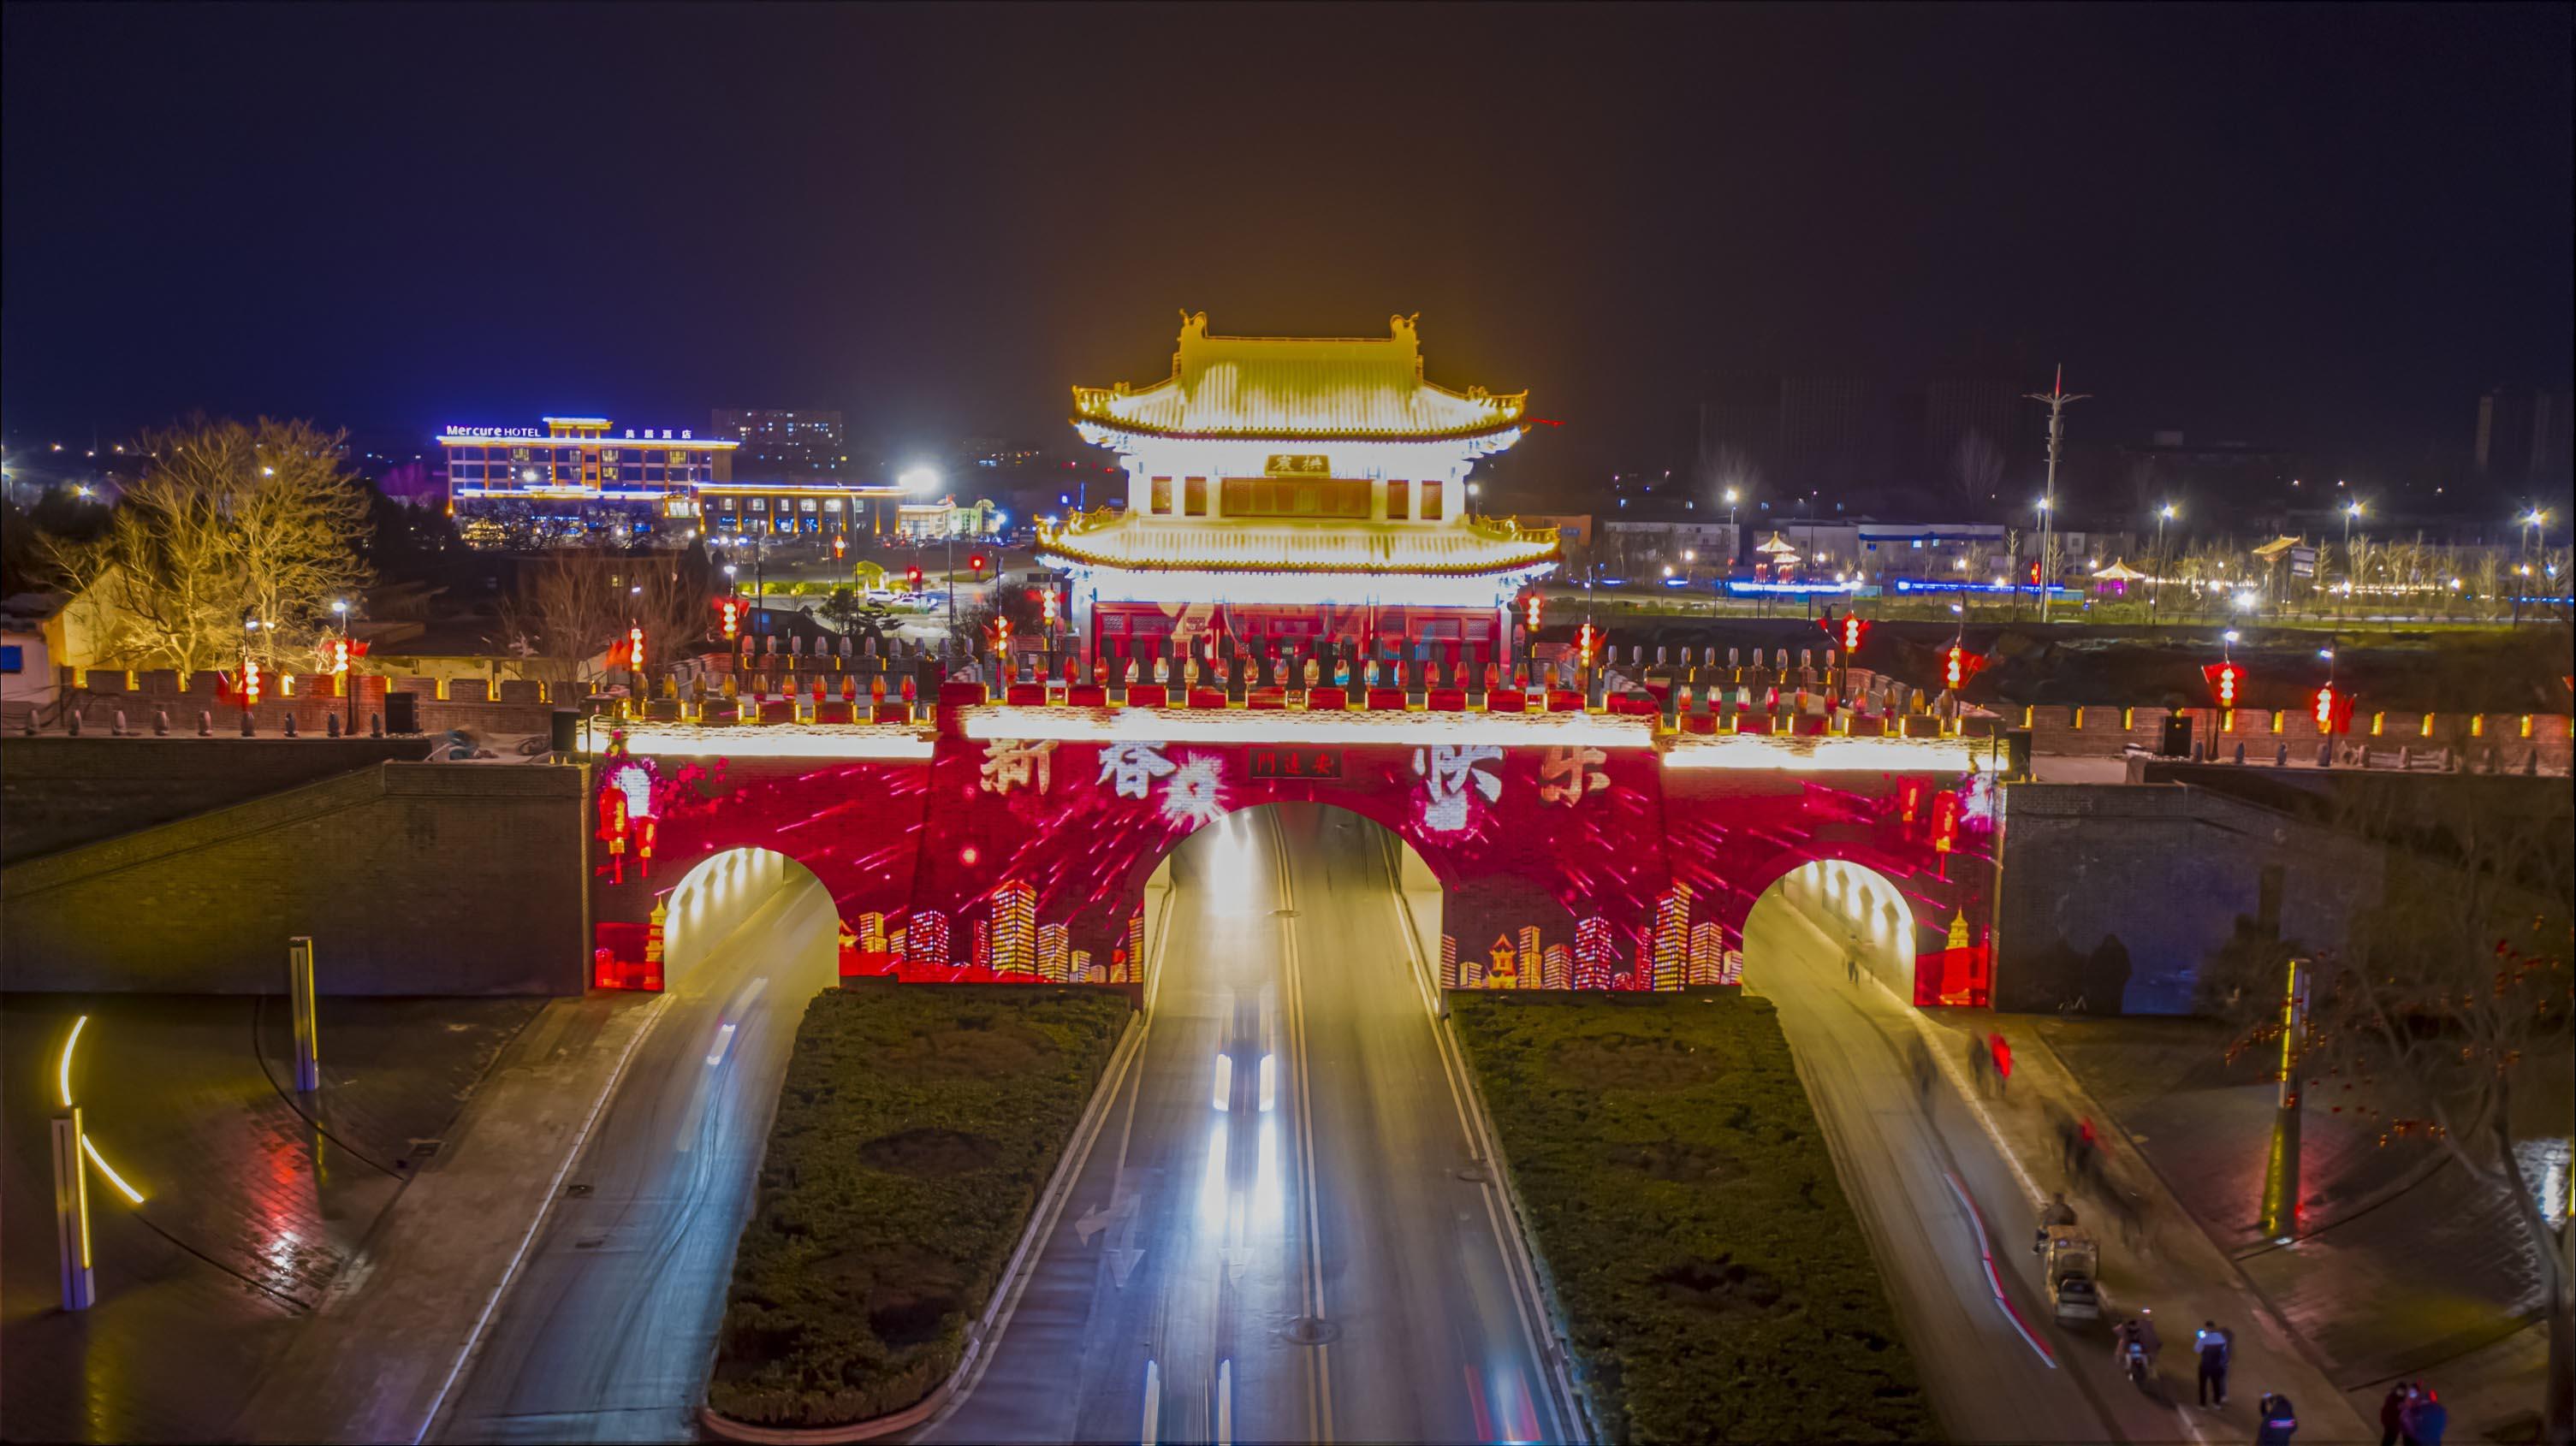 城牆燈光秀將安遠門「化身」為180°可見的光影載體(香港文匯網記者 馮雷 攝)